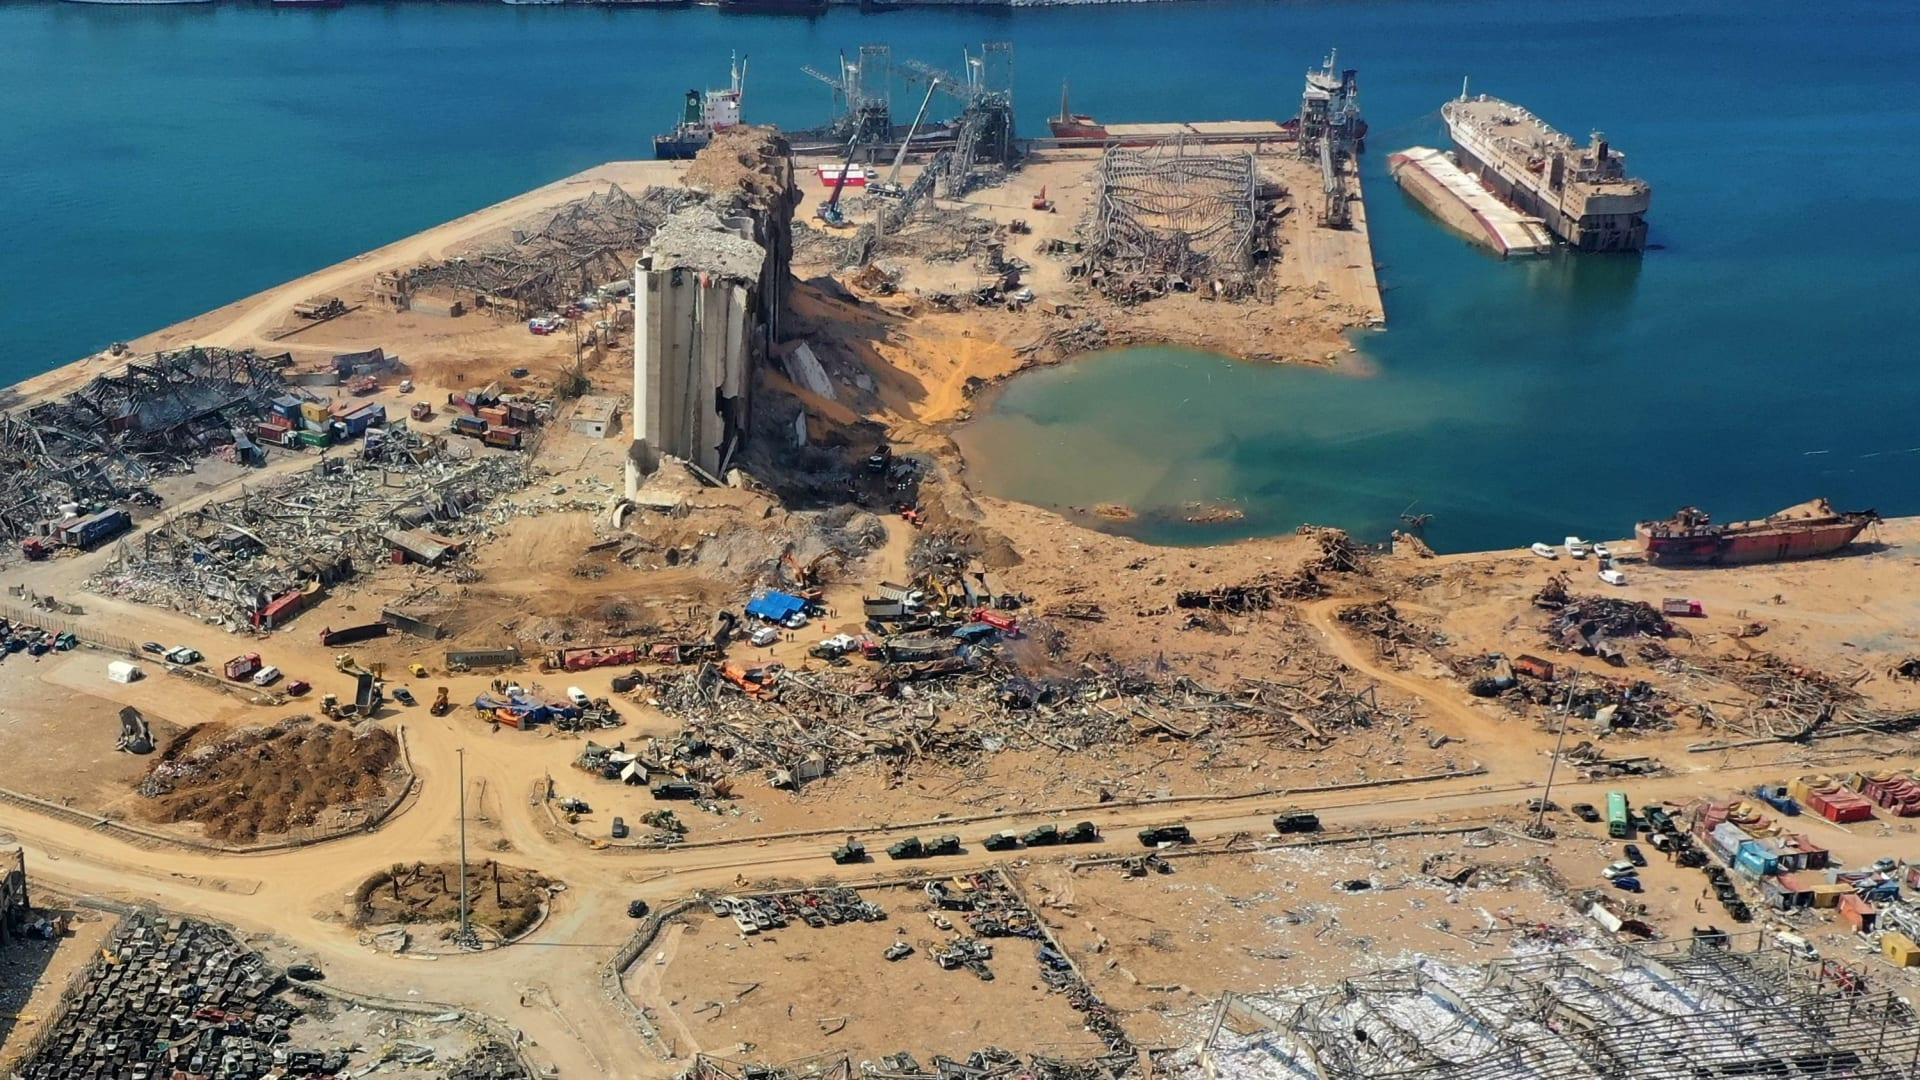 وثائق حصلت عليها CNN.. كيف وصلت أطنان من نترات الأمونيوم إلى مرفأ بيروت؟